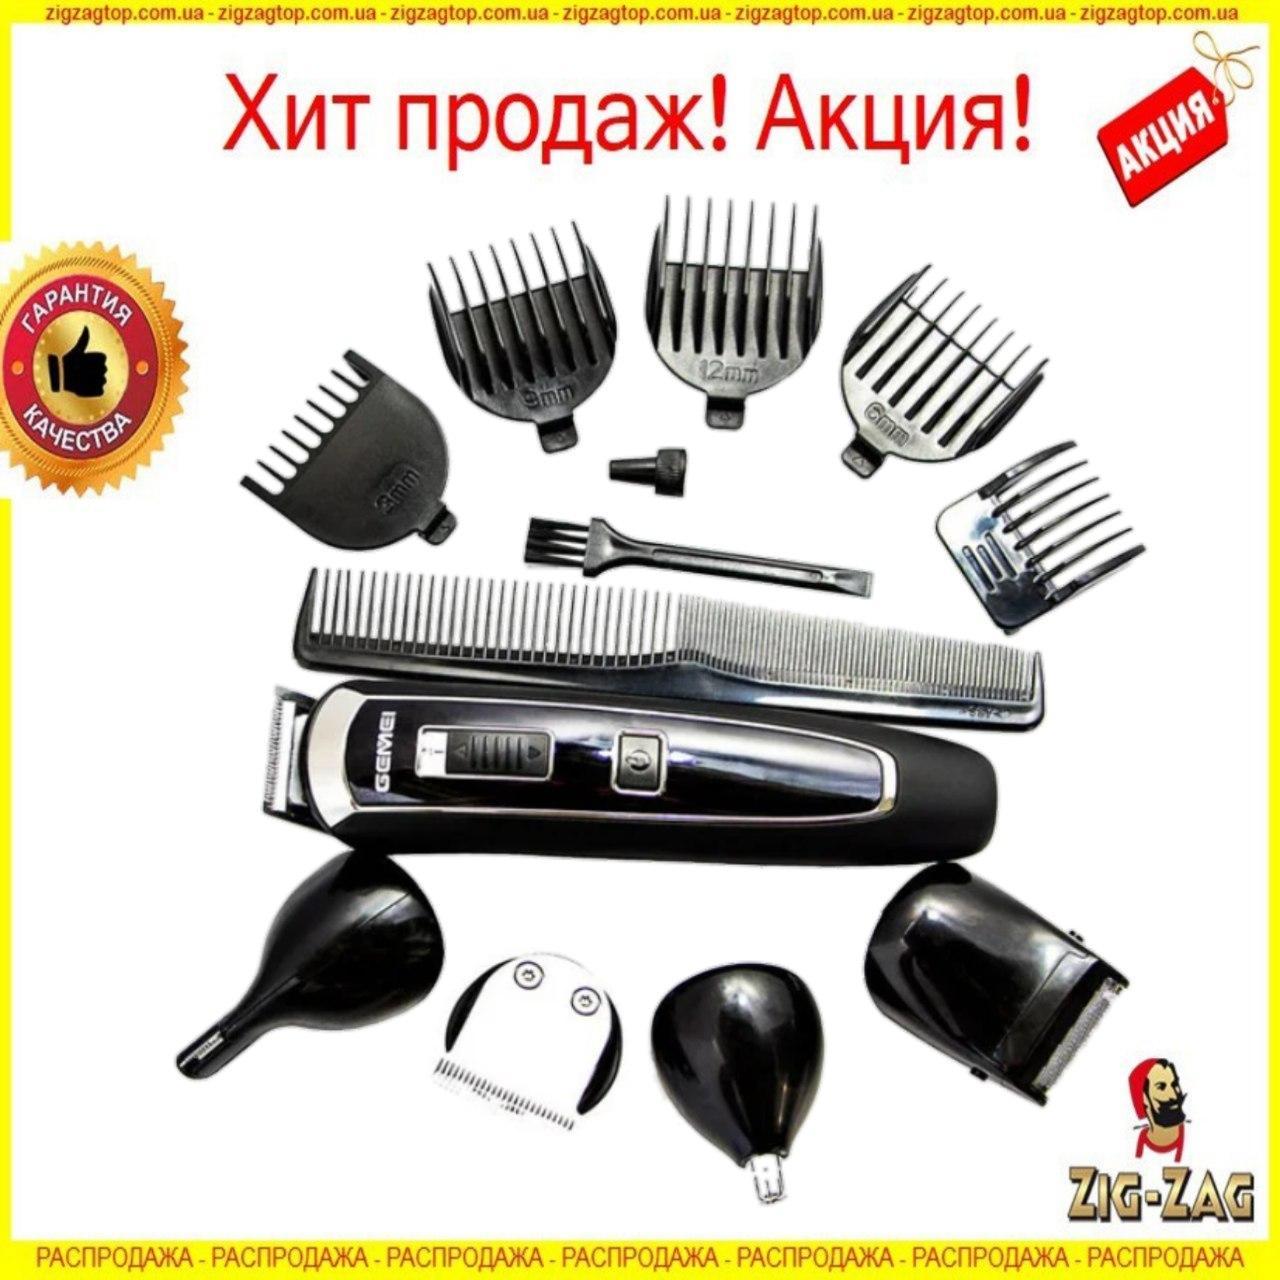 Универсальная мужская Машинка для стрижки Gemei GM-801 5в1 триммер для бороды усов носа и тела Мультитриммер